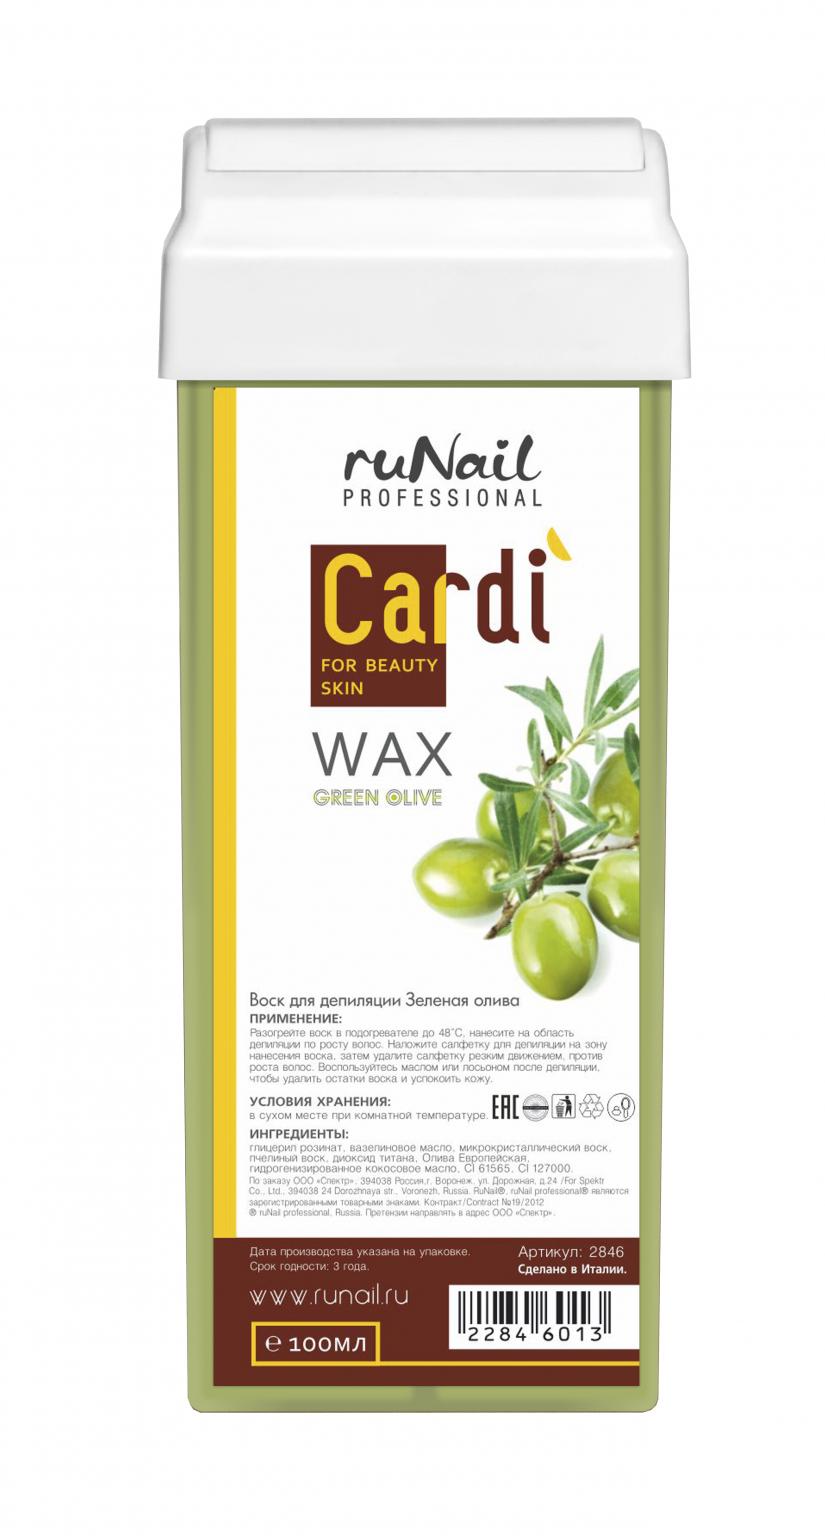 """Воск для депиляции Cardi (аромат: """"Зеленая олива"""") №2846"""